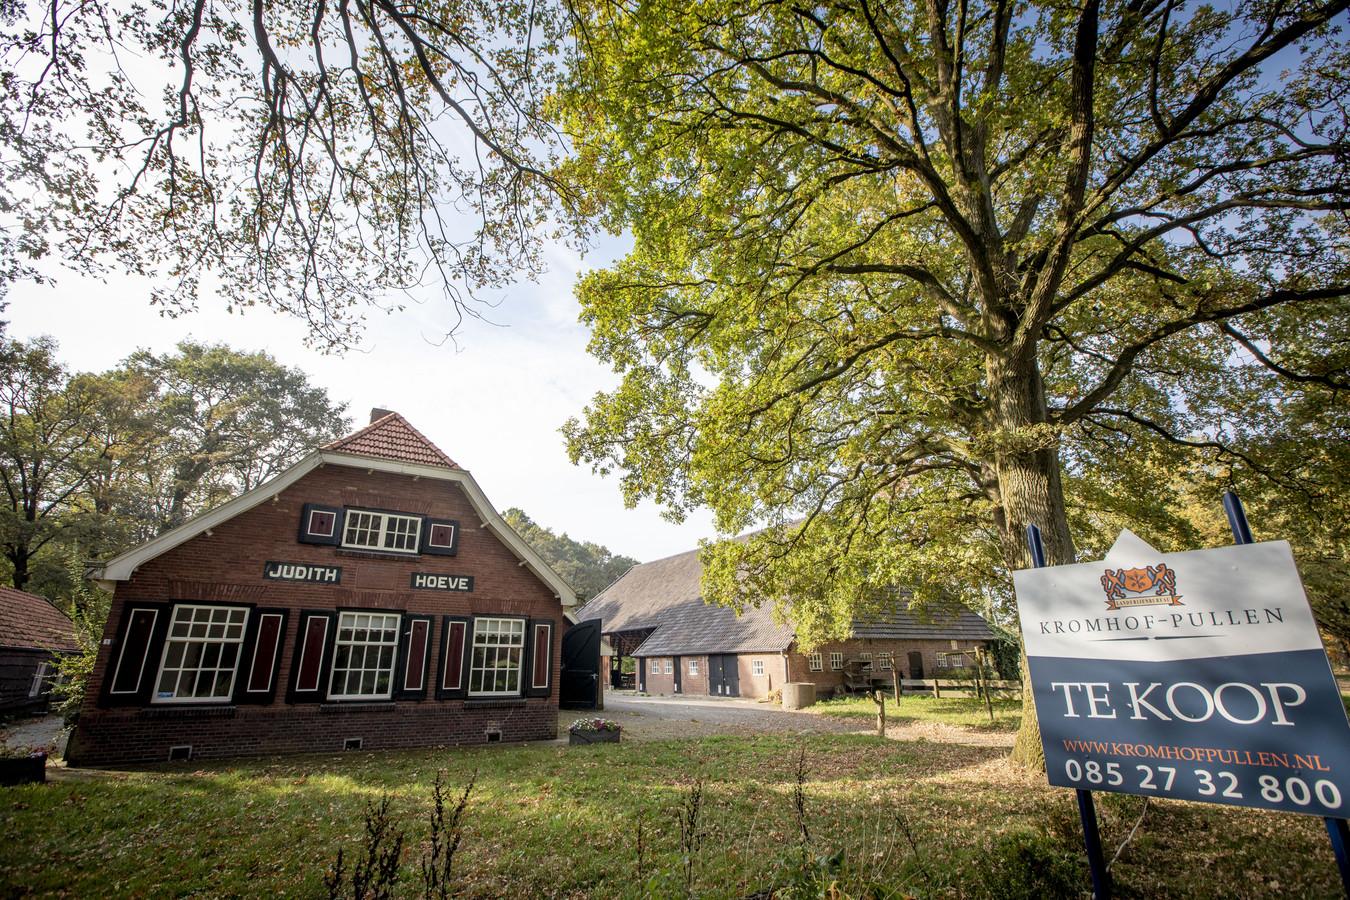 Het bordje 'Te koop' is al weggehaald. Landgoedboerderij de Judithhoeve is verkocht aan Marcel en Simone Berends van Werkboerderij Berends uit Oldenzaal.